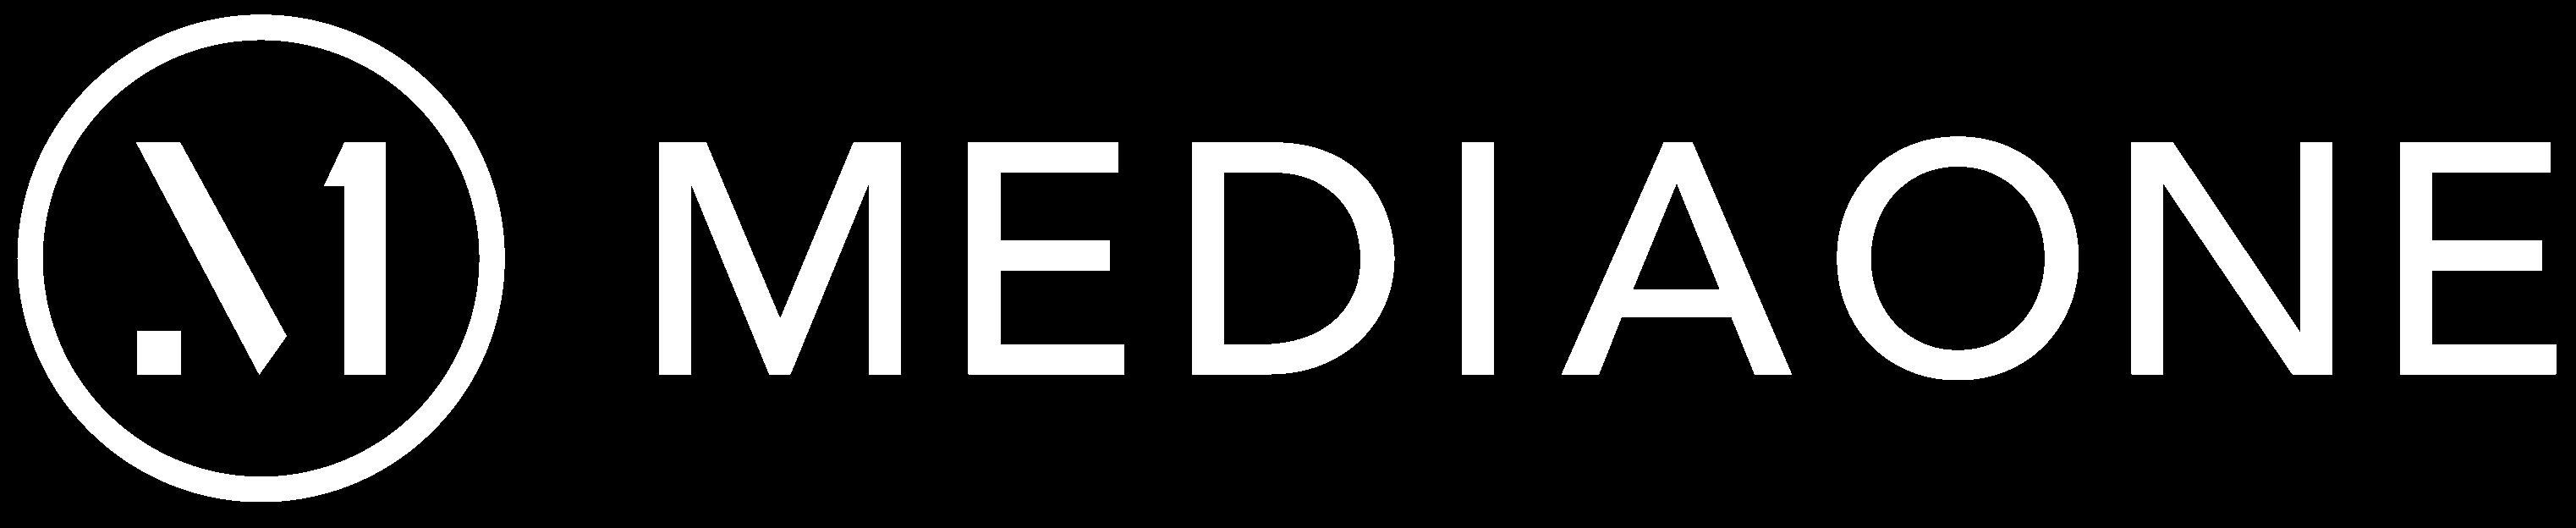 Media One Creative Inc